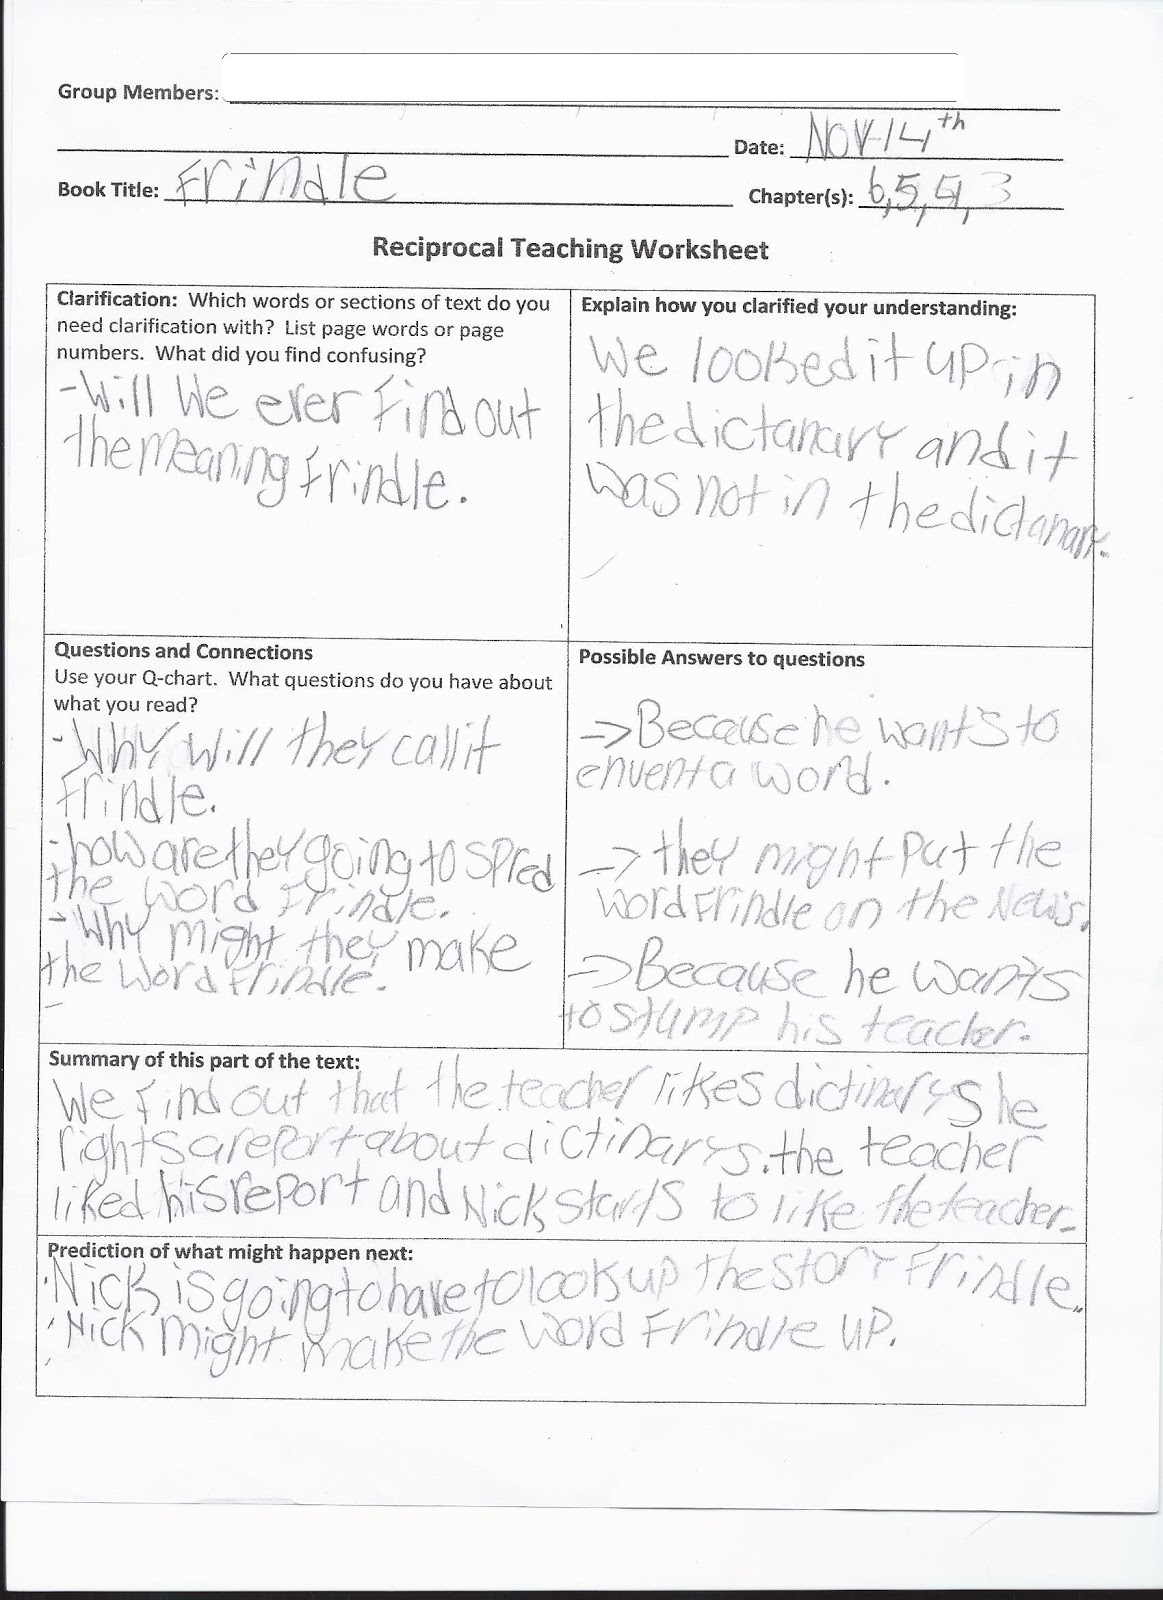 Making Shift Happen: Reciprocal Teaching